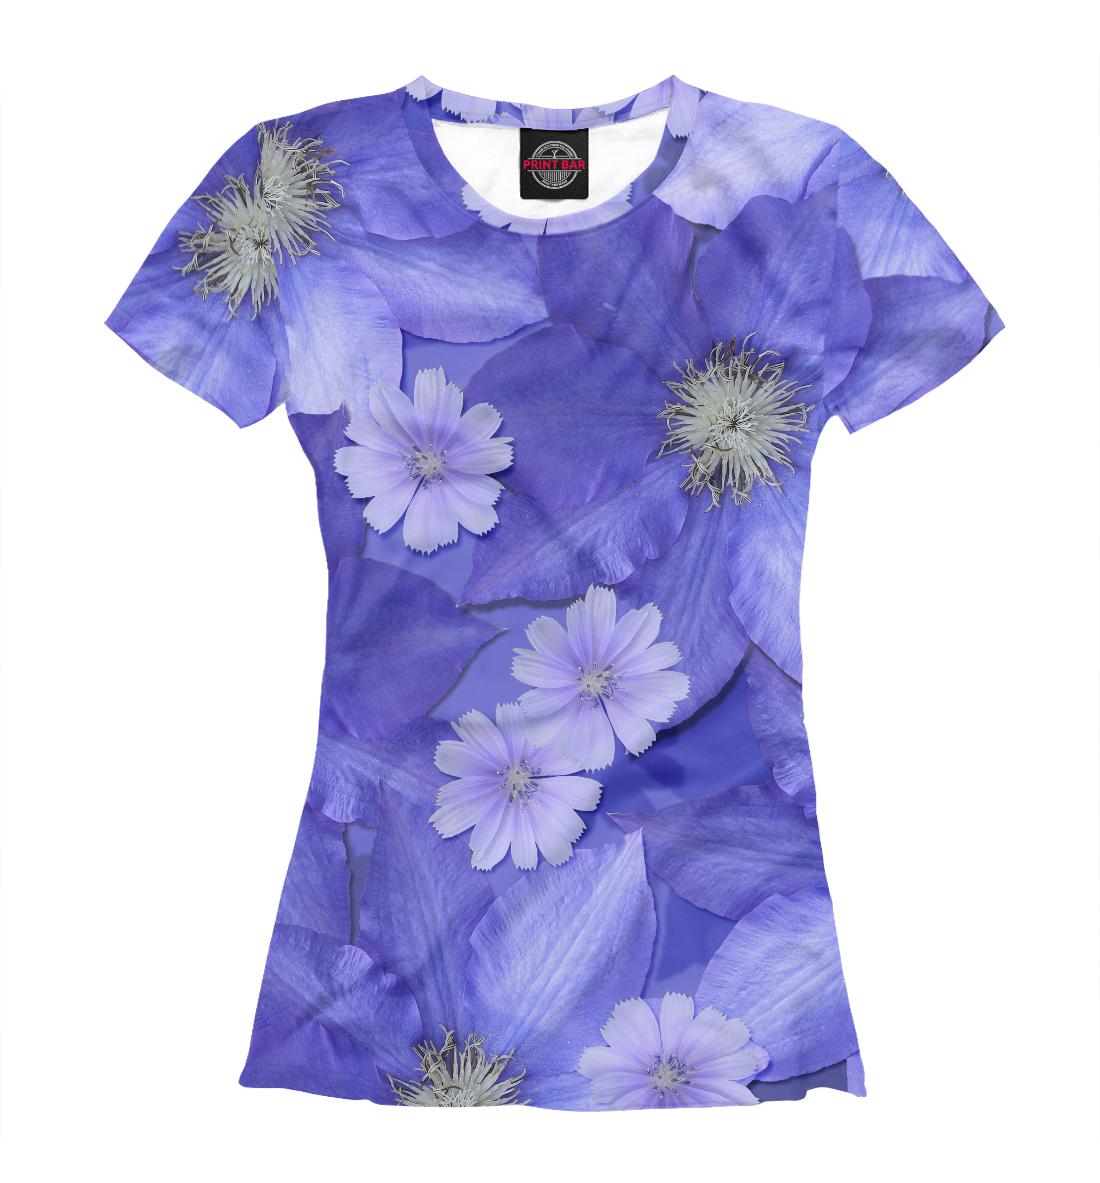 Купить Синие цветы, Printbar, Футболки, CVE-874757-fut-1